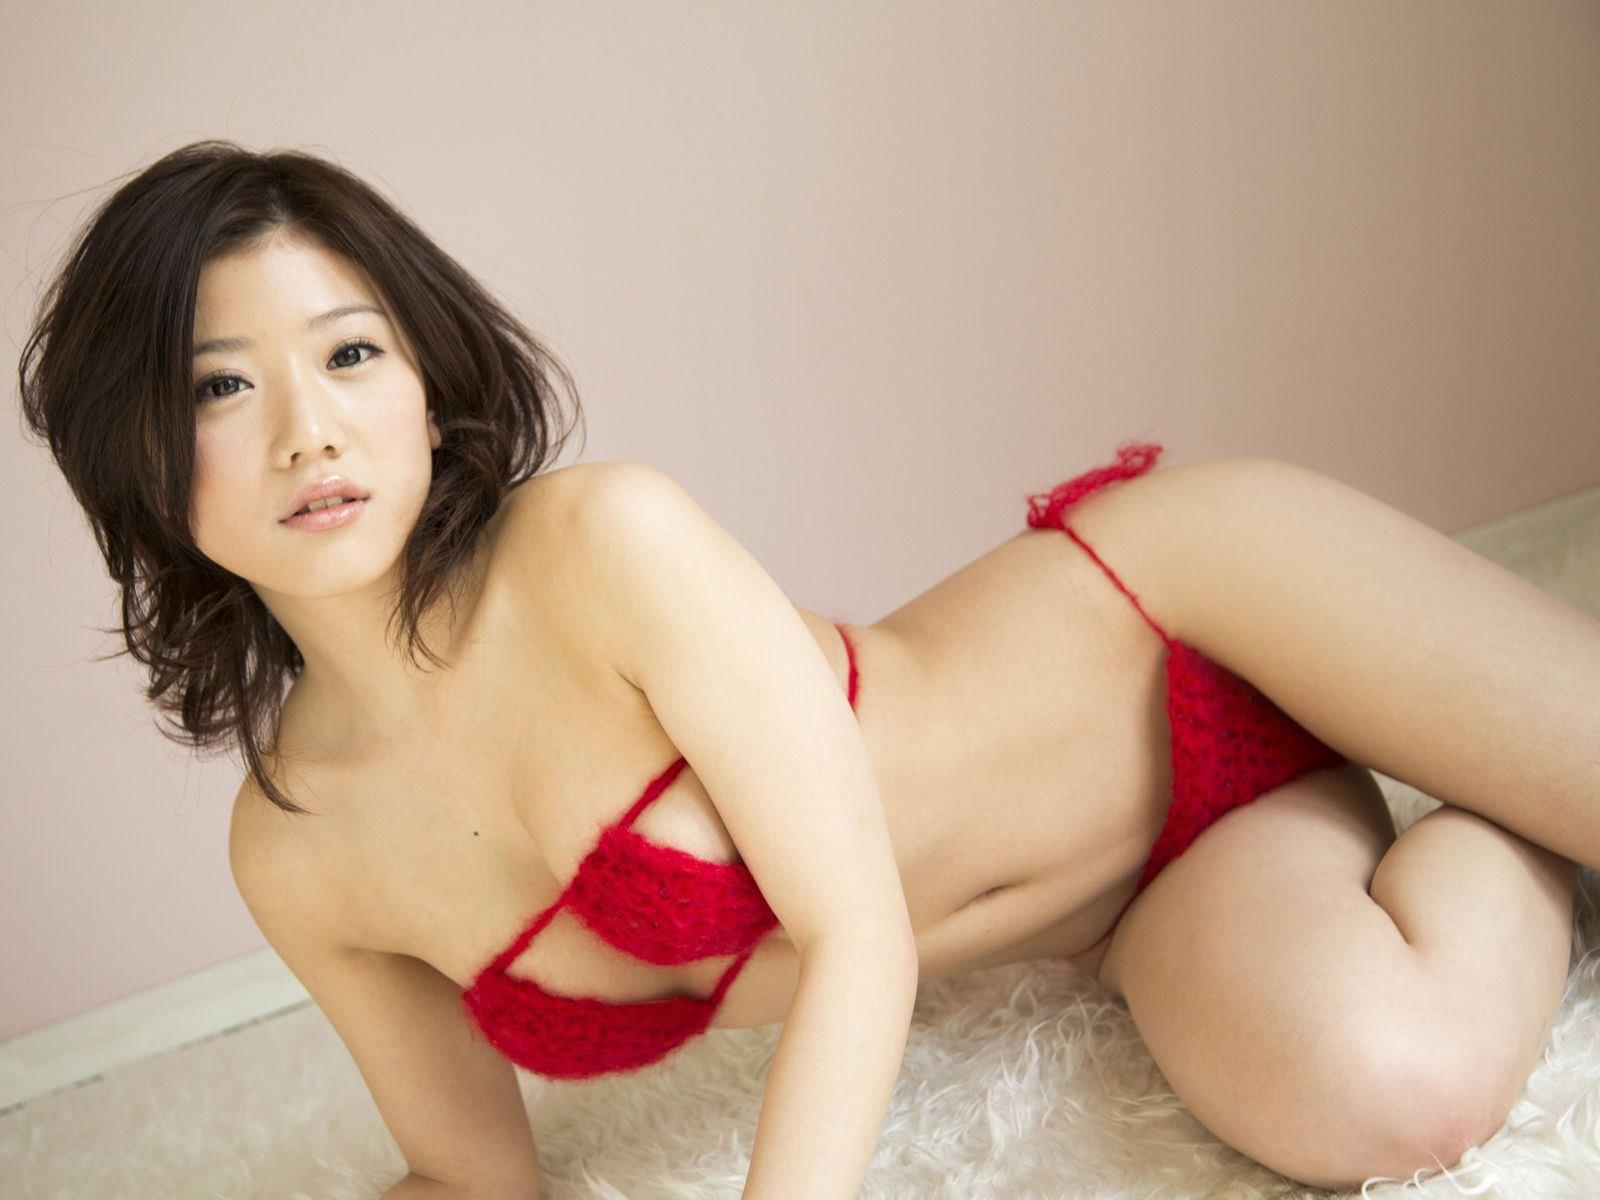 千明芸夢 Eカップ 横乳 過激 水着 エロ画像 34